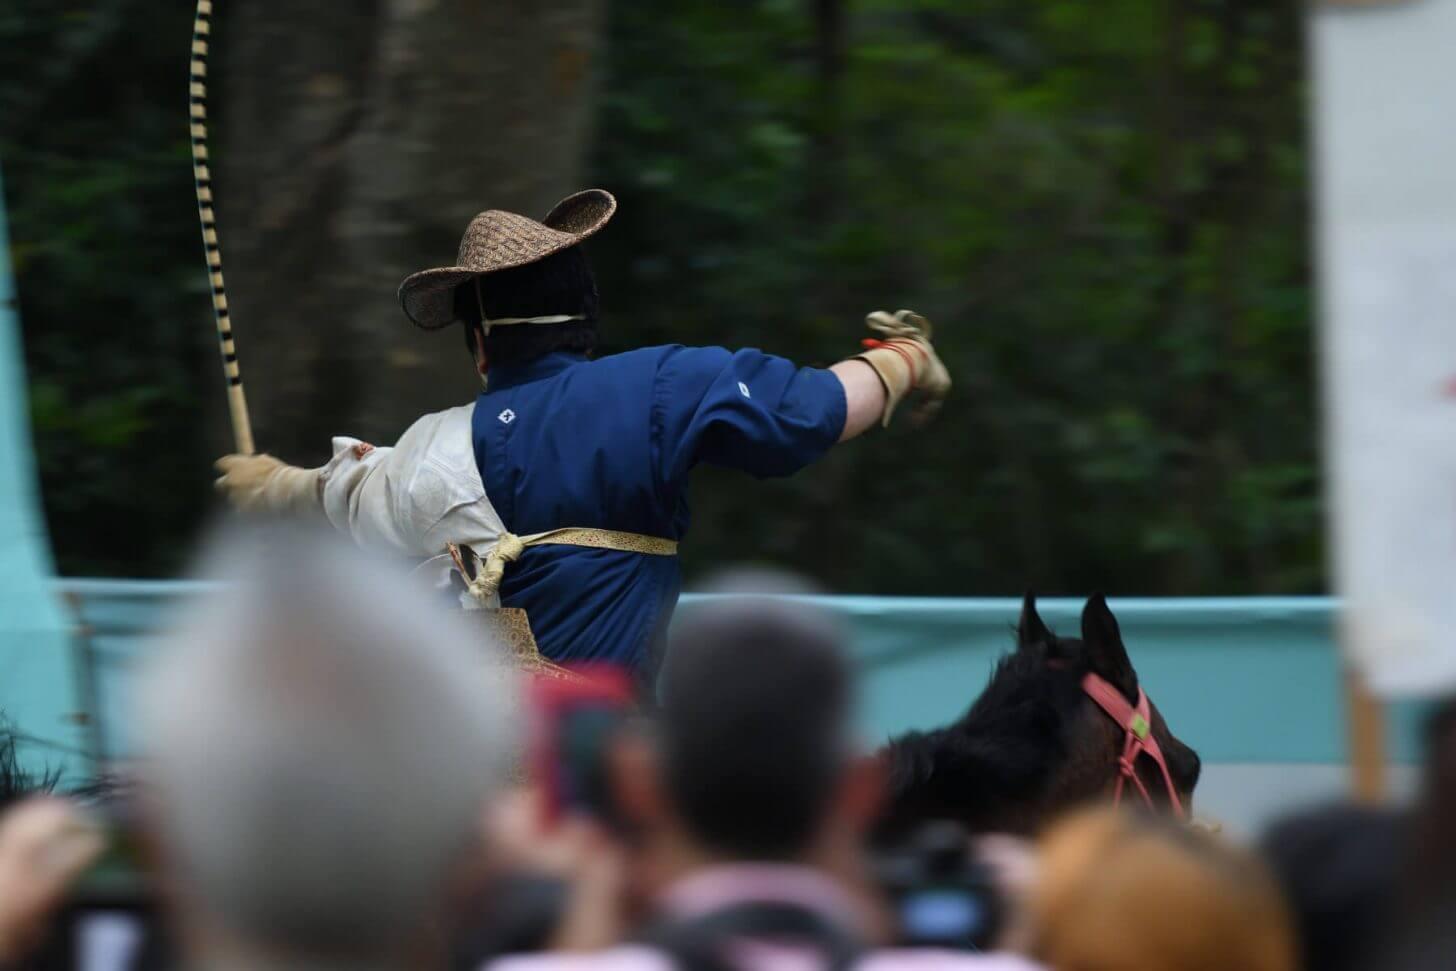 下鴨神社の流鏑馬で矢を射る瞬間